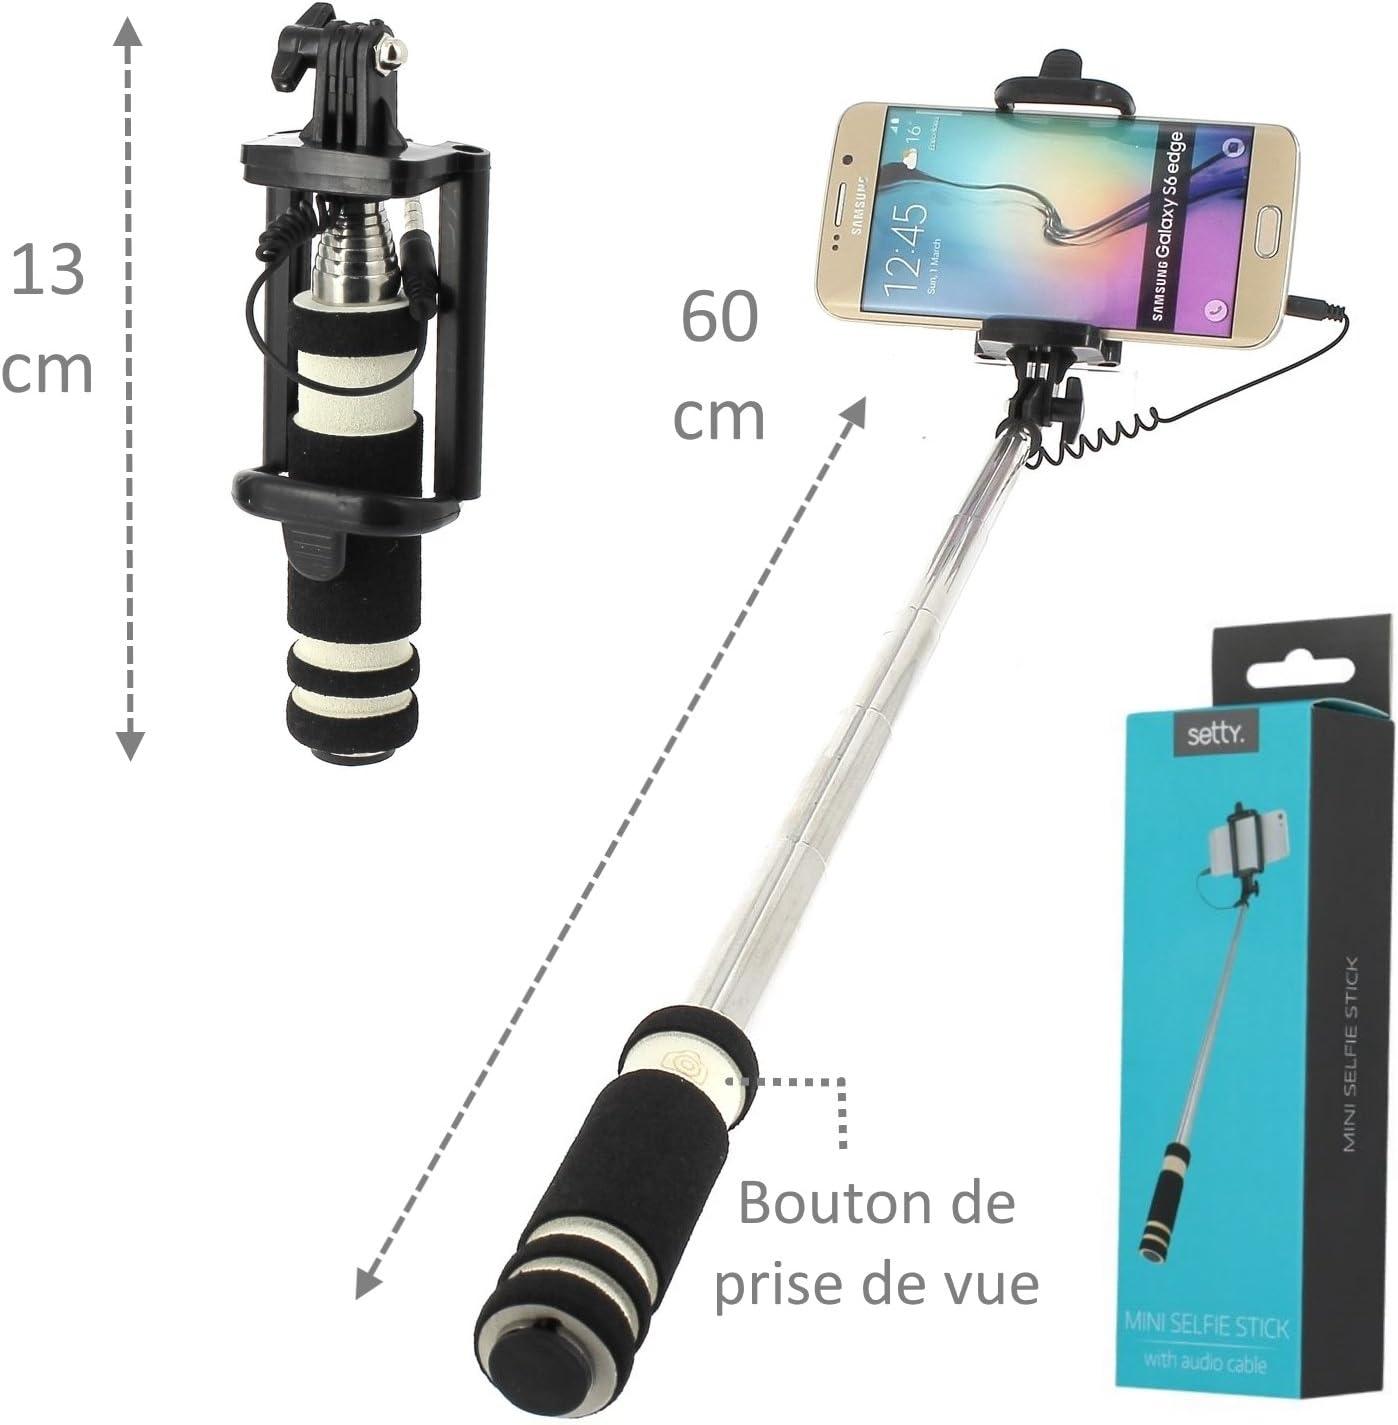 Reno A9 2020 Perche Selfie Ultra Compacte pour Oppo A5 2020 Reno Z Reno 2 Reno2 Z G/én/érique RX17 Neo AX7